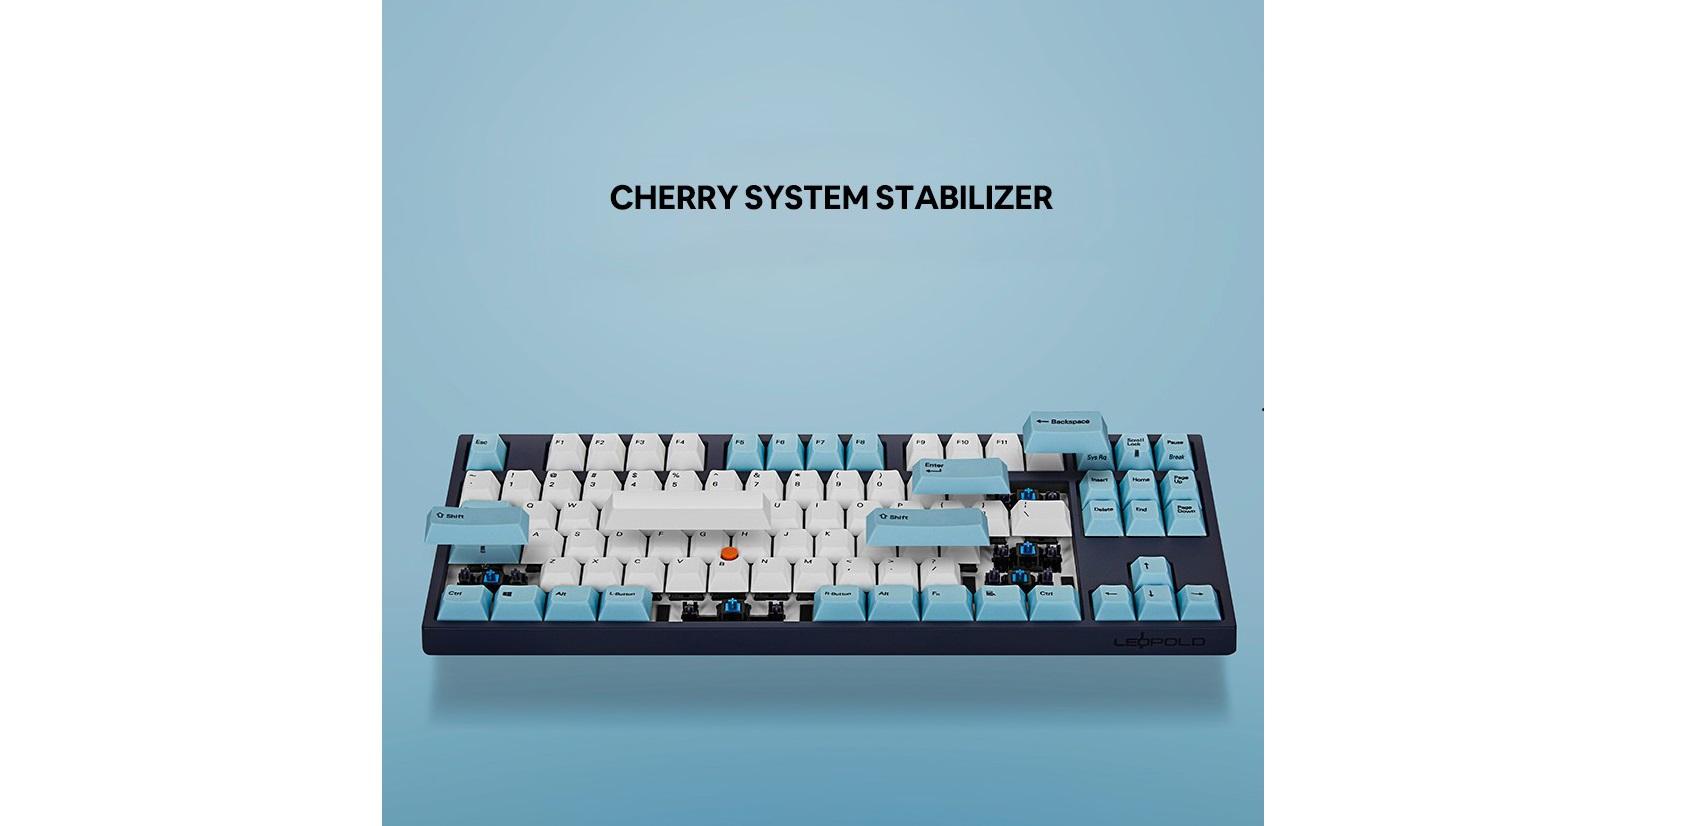 Bàn phím cơ Leopold FC750R SP Brown switch (White Skyblue) sử dụng hệ thống stab cherry cao cấp